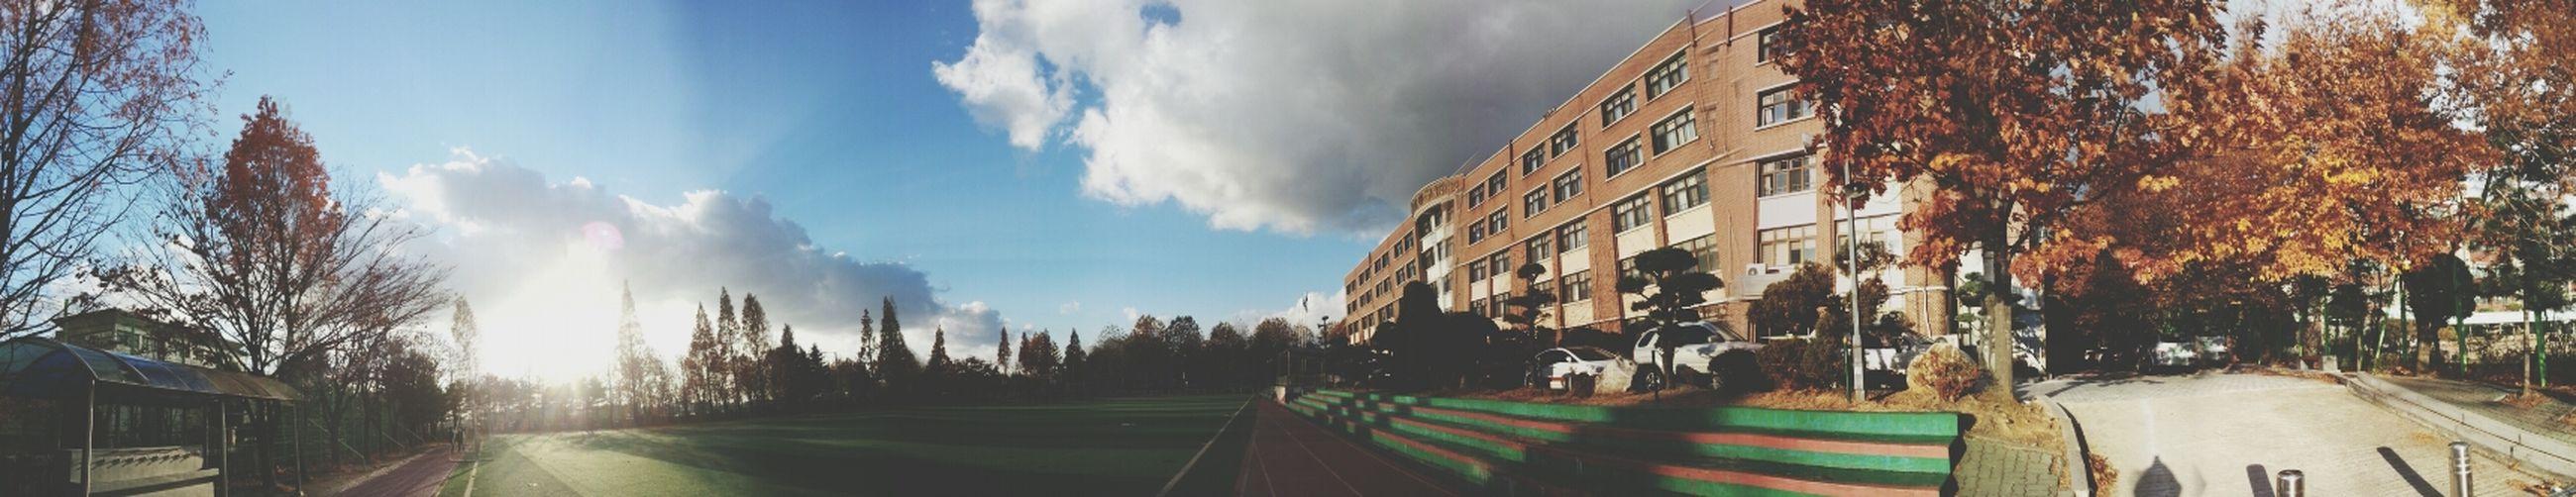 우리 학교. 유일한 자랑거리 잔디밭